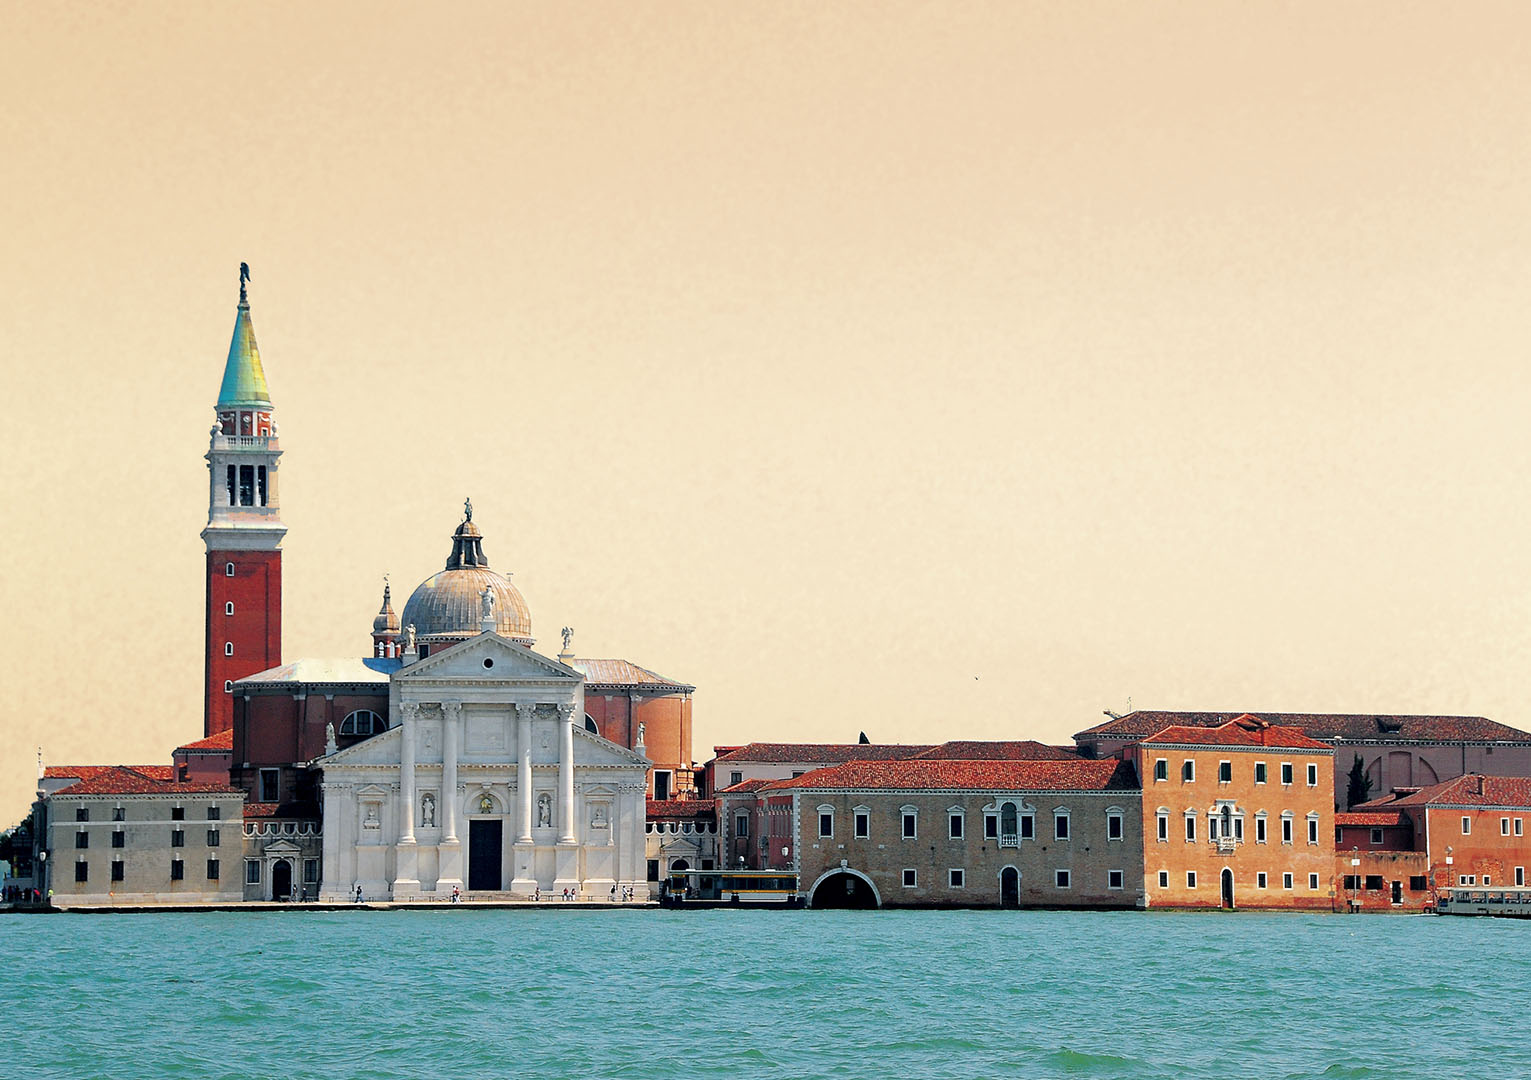 Venezia_013_I09.2-2